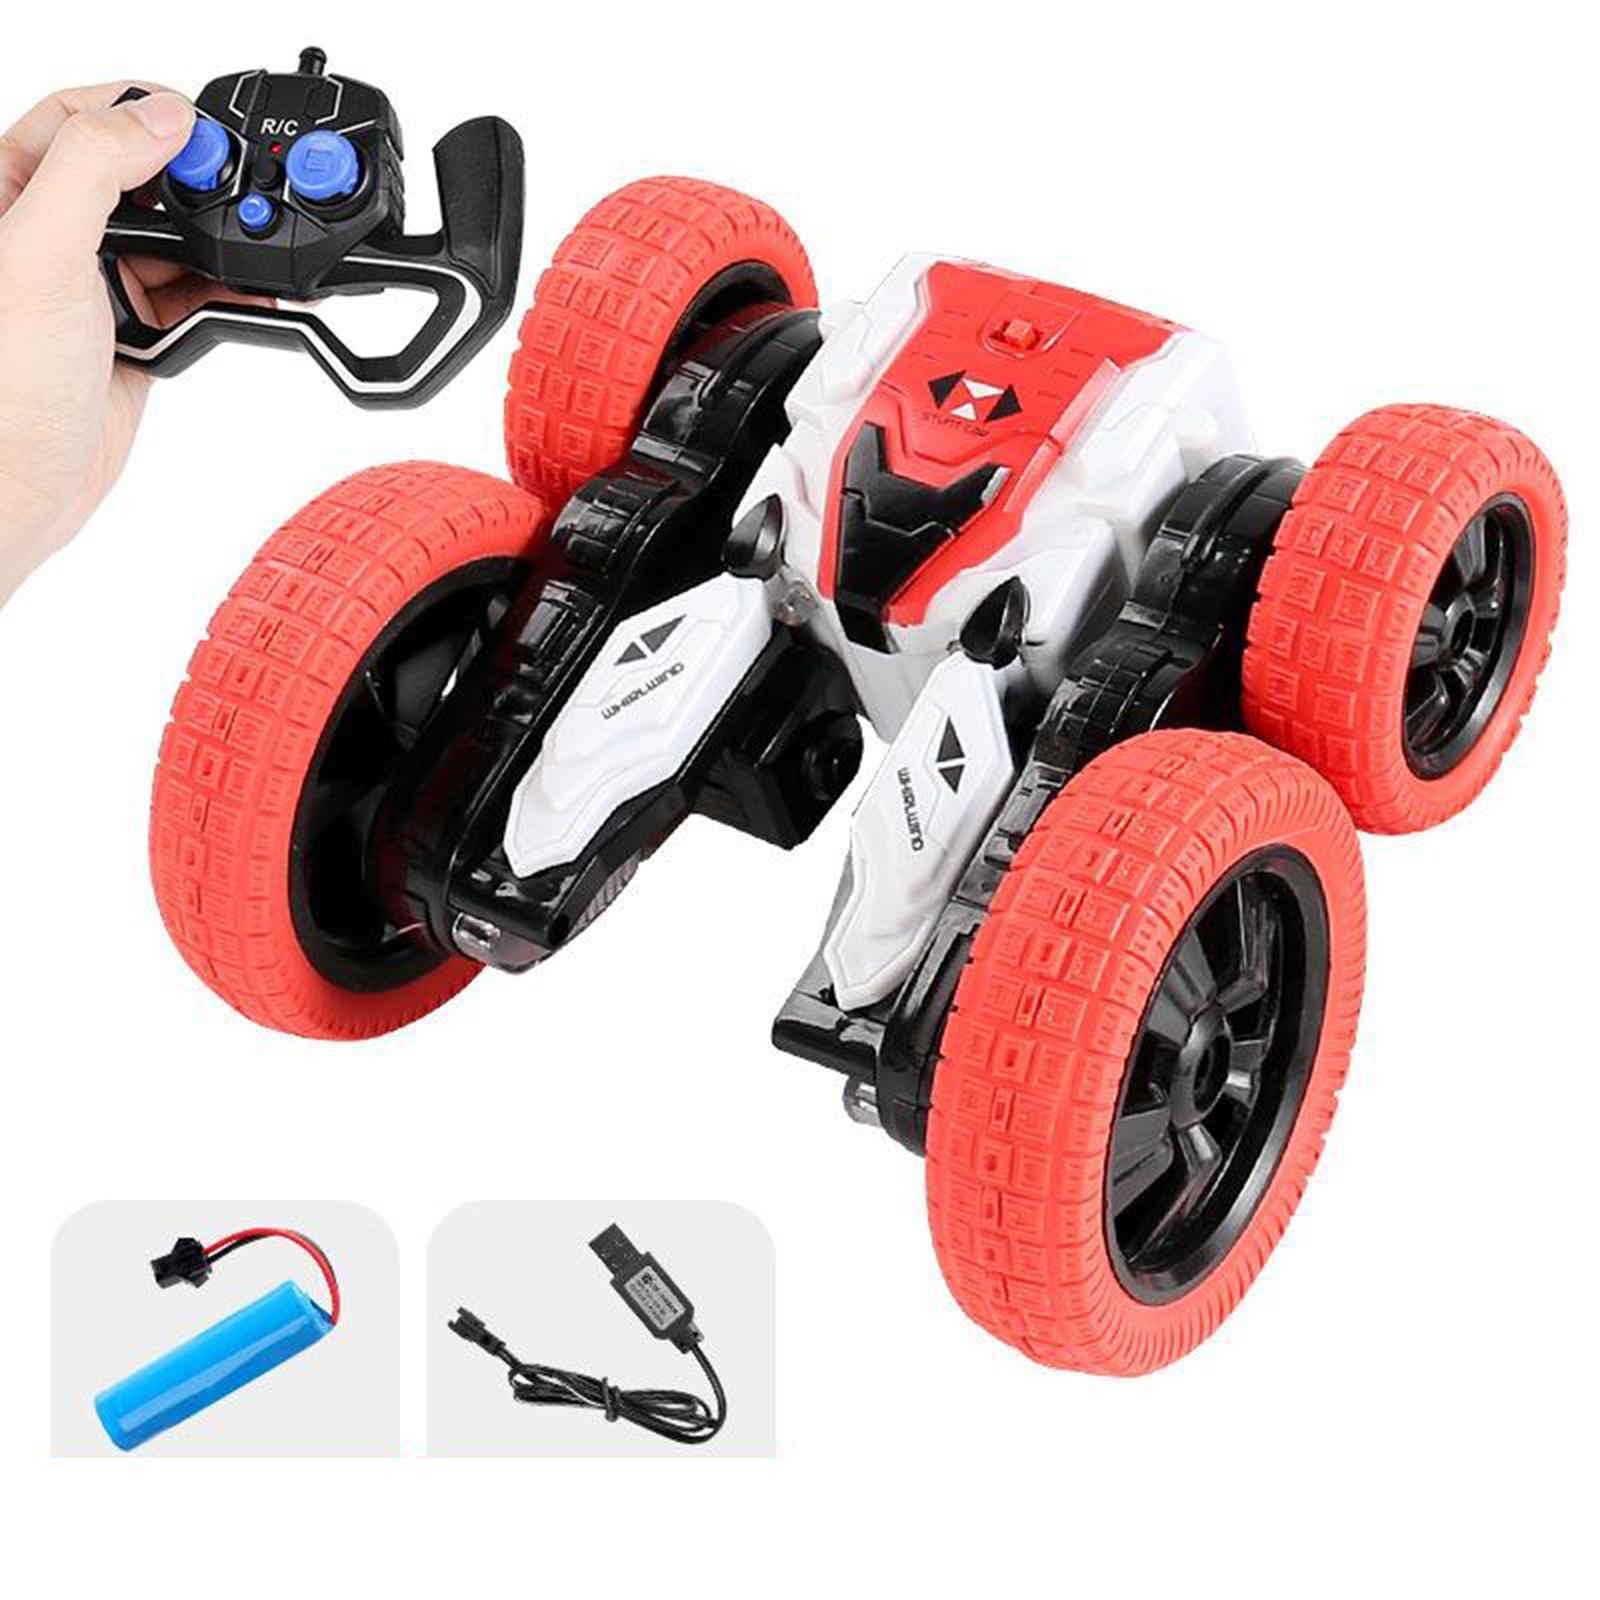 miniatura 35 - Telecomando Auto Stunt Car Giocattolo Per Bambini 2.4GHz di Controllo Remoto